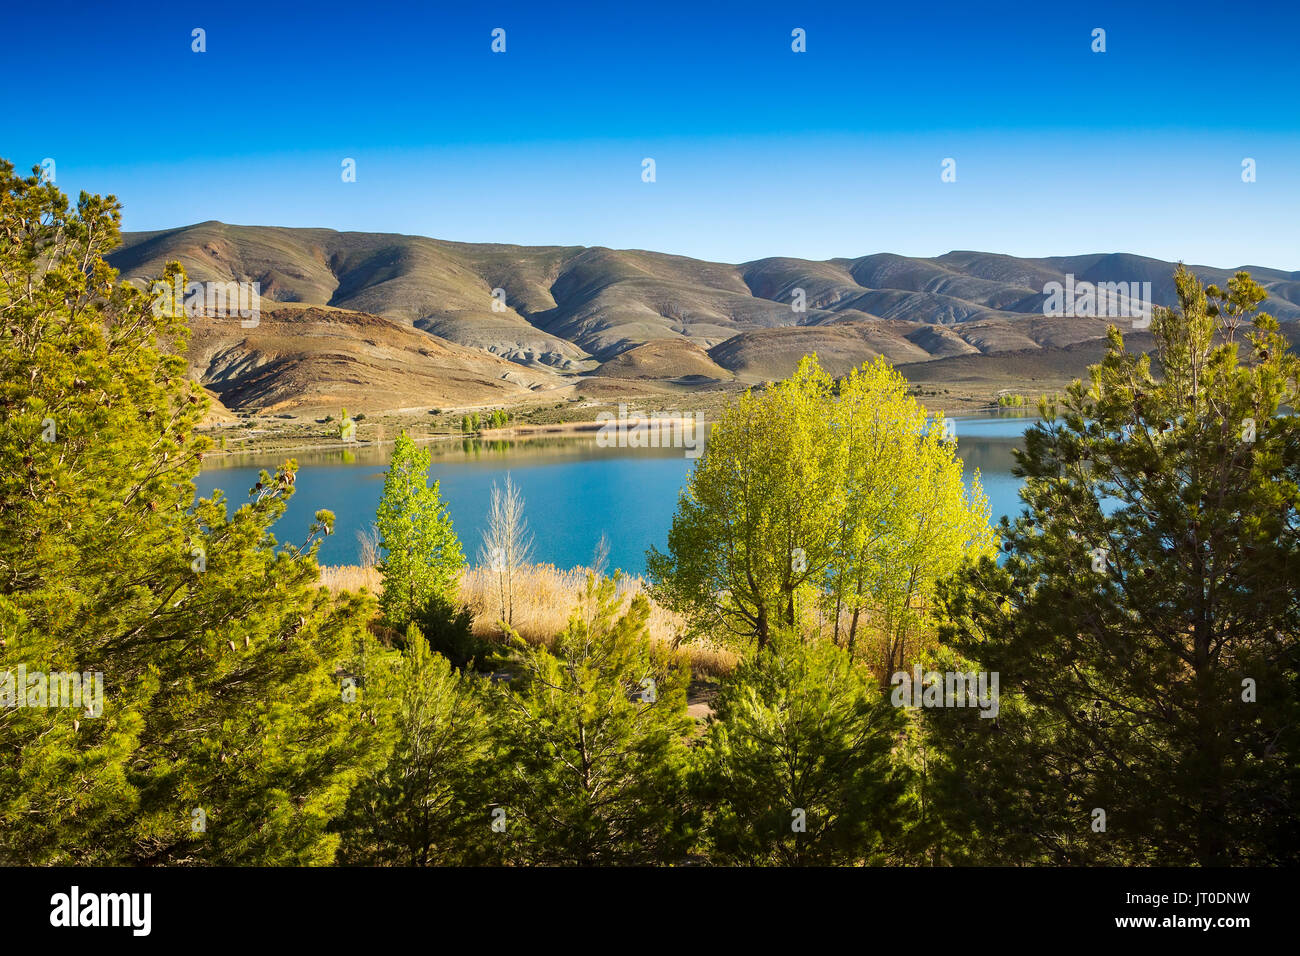 Lac d'eau bleu et de la végétation. Haut Atlas. Le Maroc, Maghreb, Afrique du Nord Banque D'Images